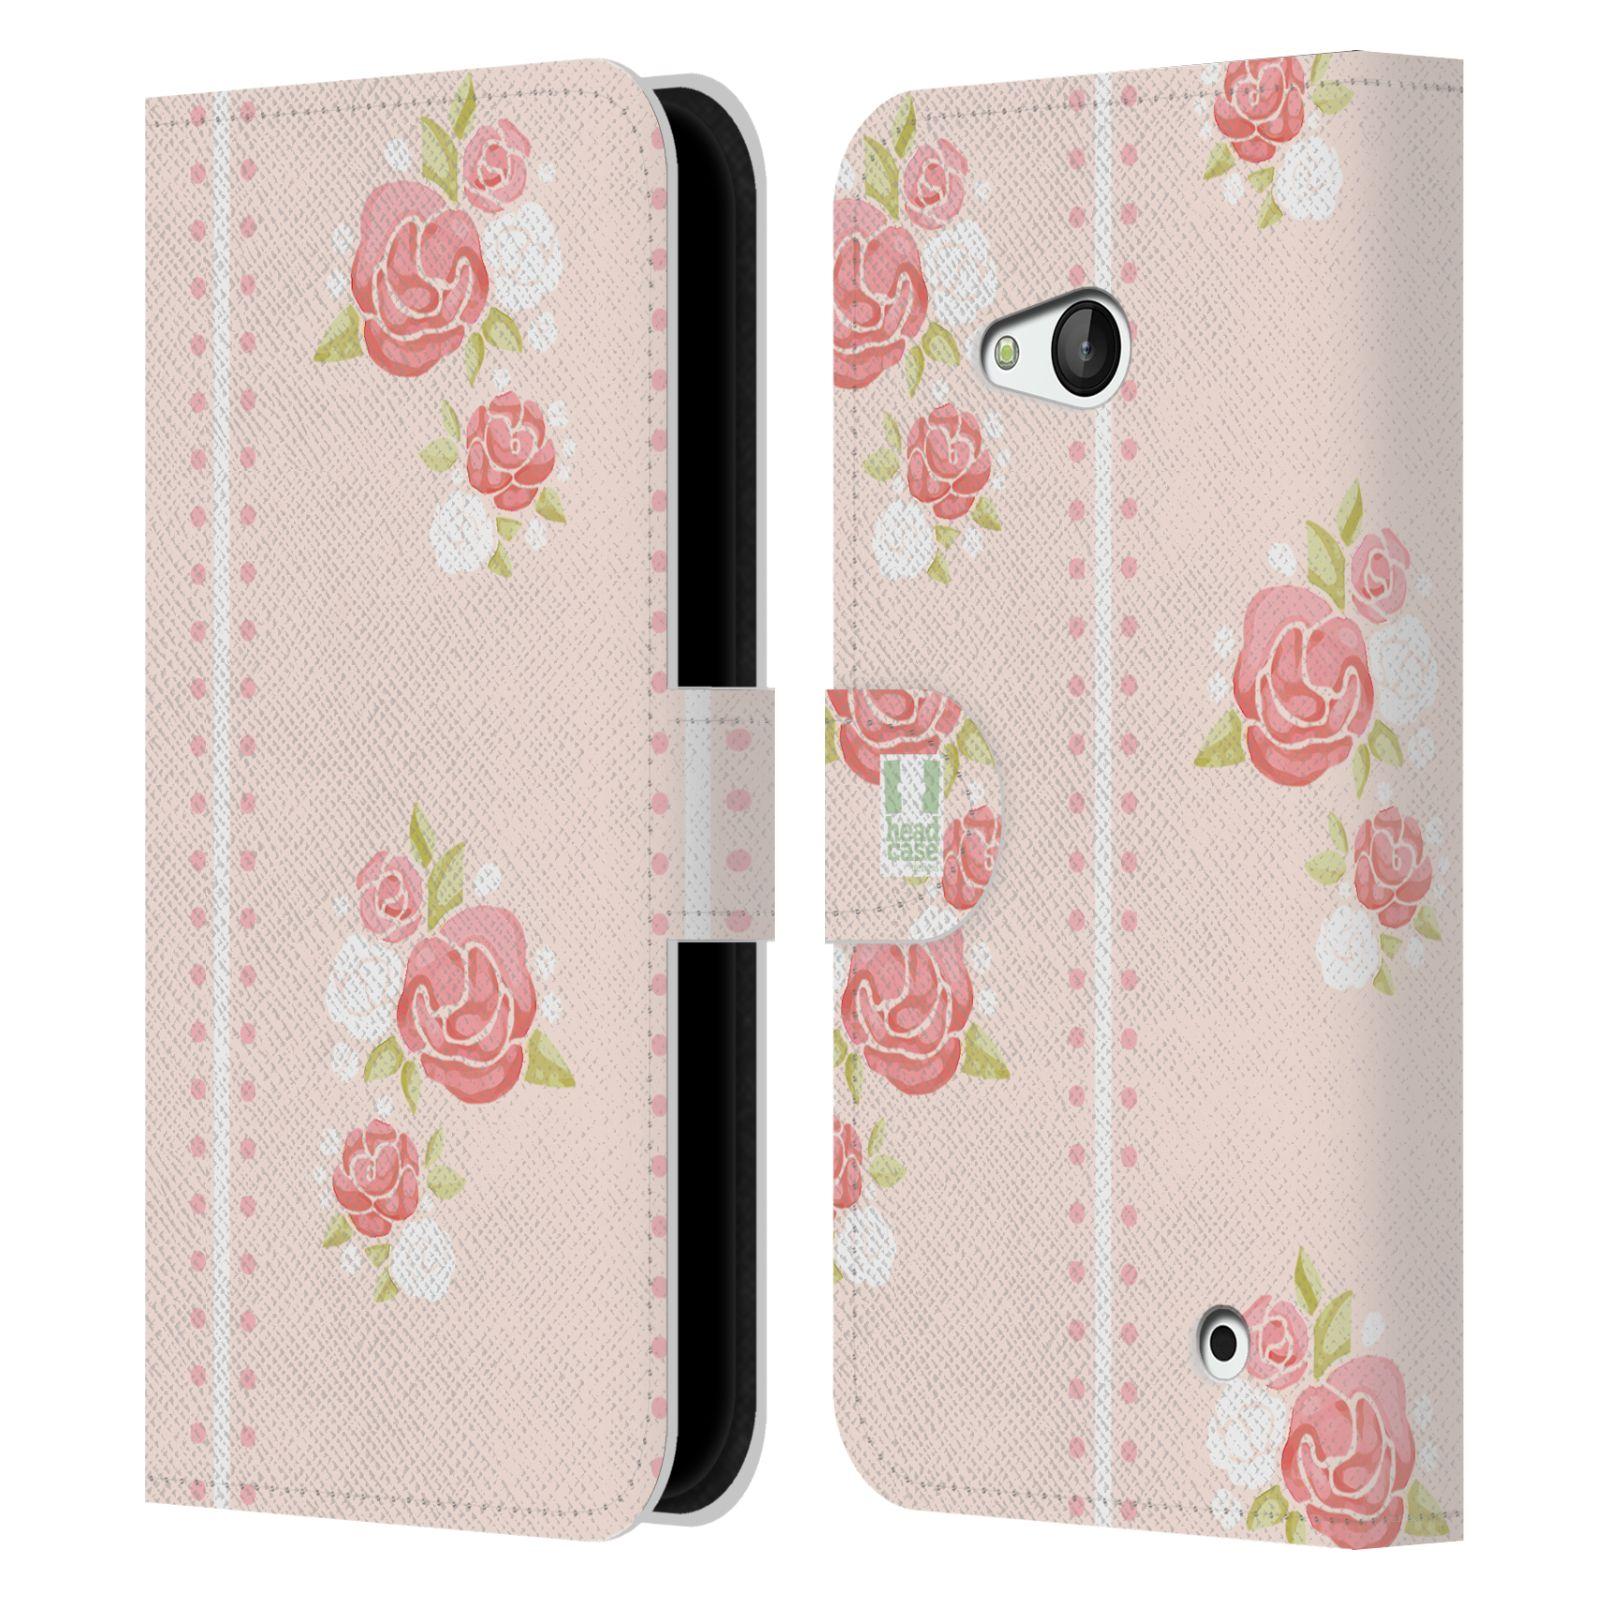 HEAD CASE Flipové pouzdro pro mobil NOKIA / MICROSOFT LUMIA 640 / LUMIA 640 DUAL Francouzský venkov pruhy a růže růžová barva